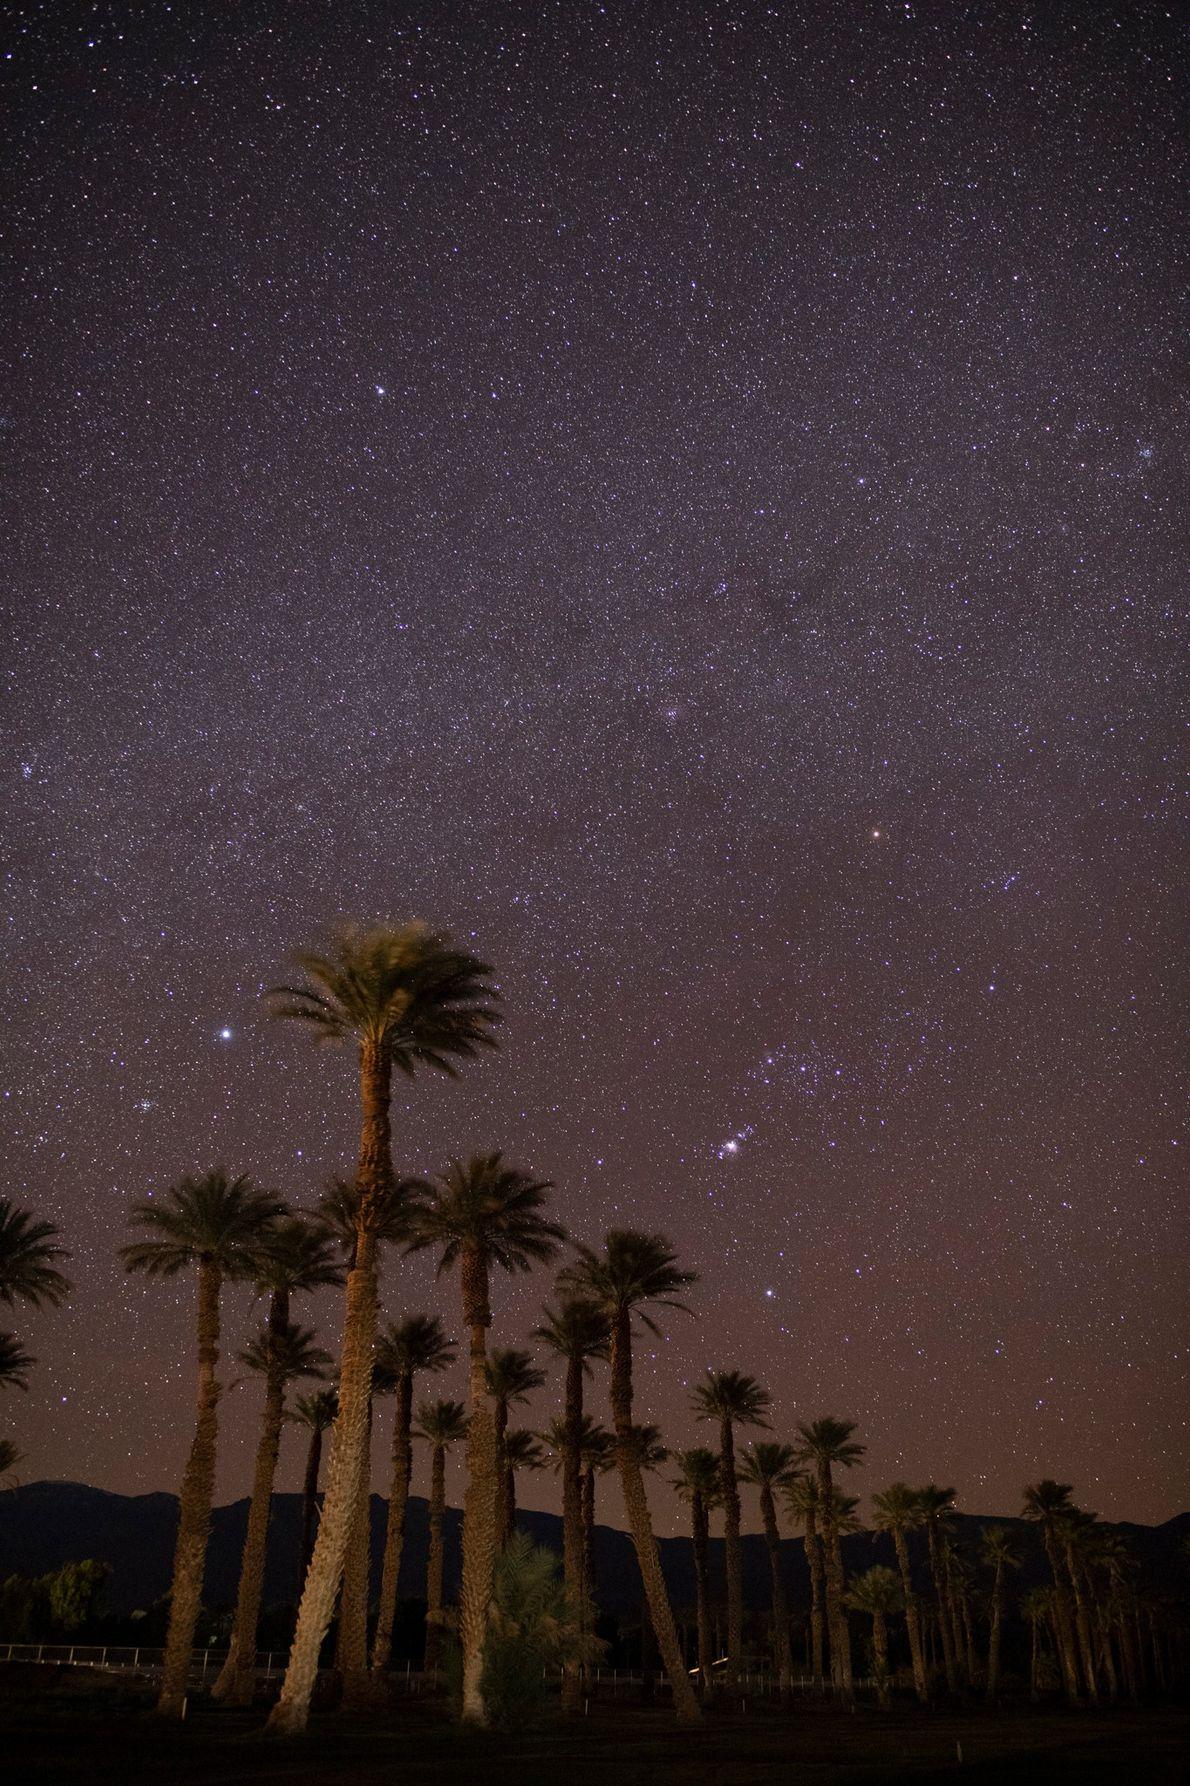 Sobre las palmeras de Furnace Creek, en el valle de la muerte, Sirius, la estrella más ...